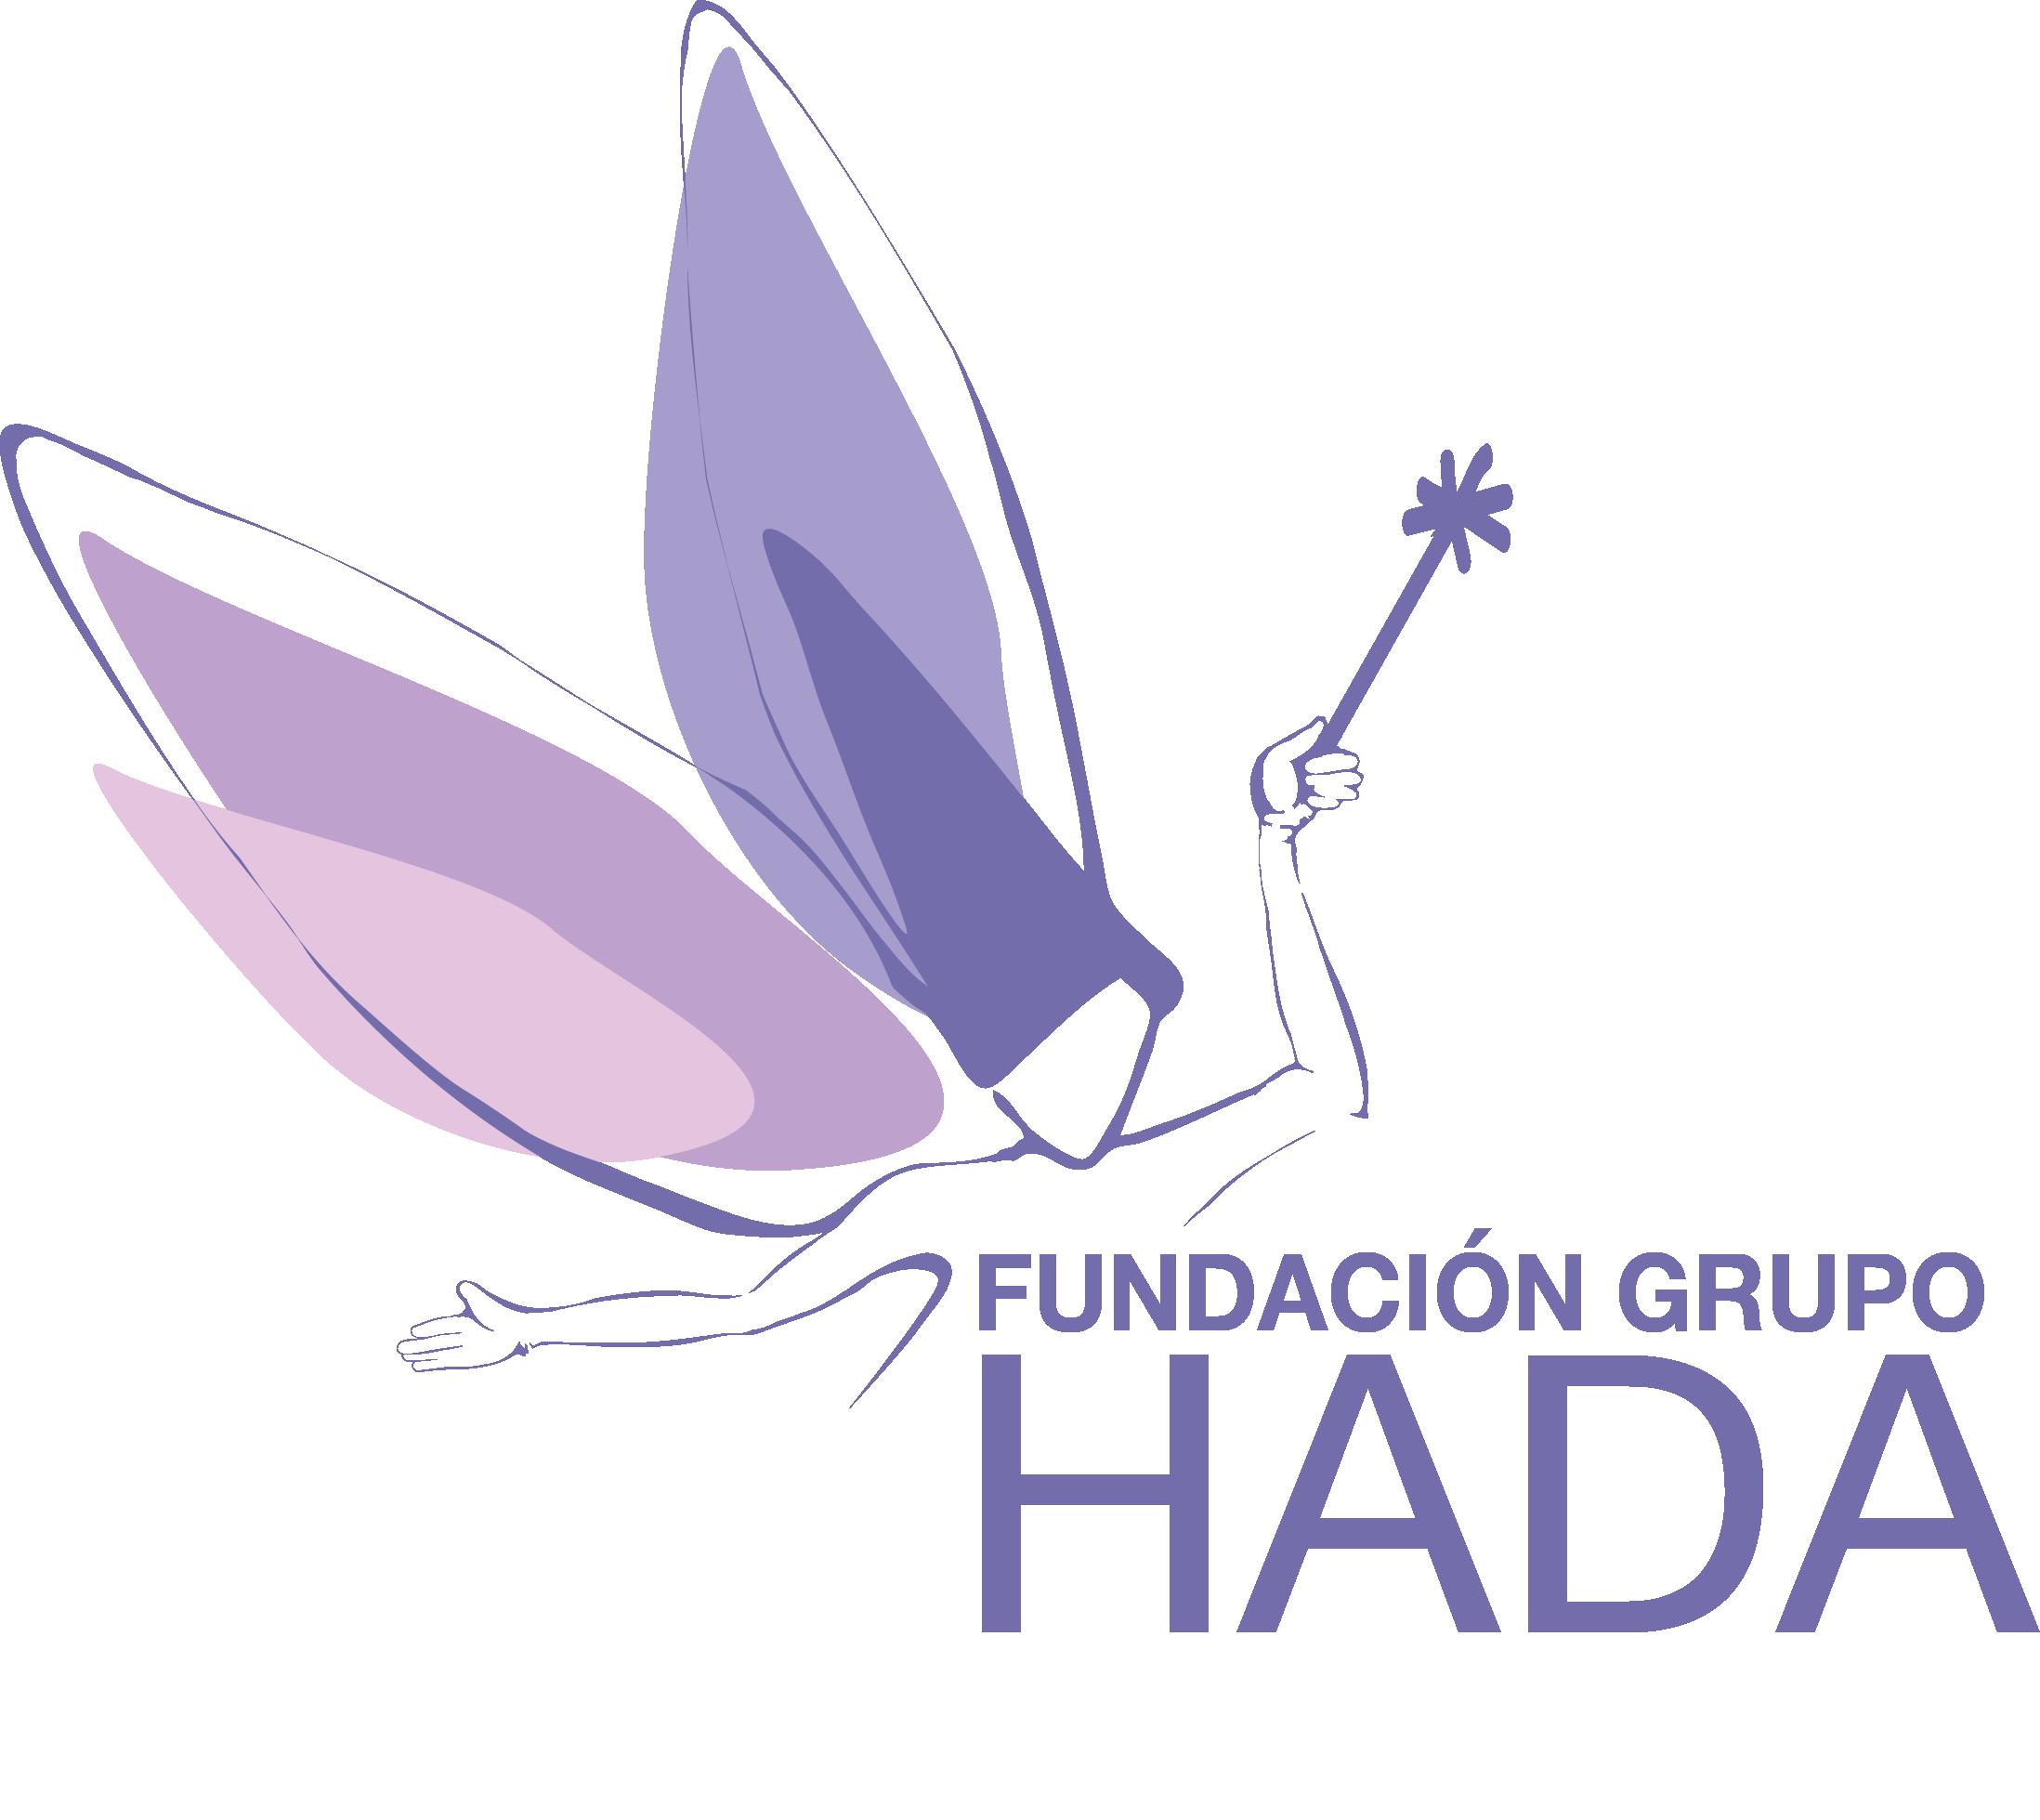 Fundación Grupo Hada